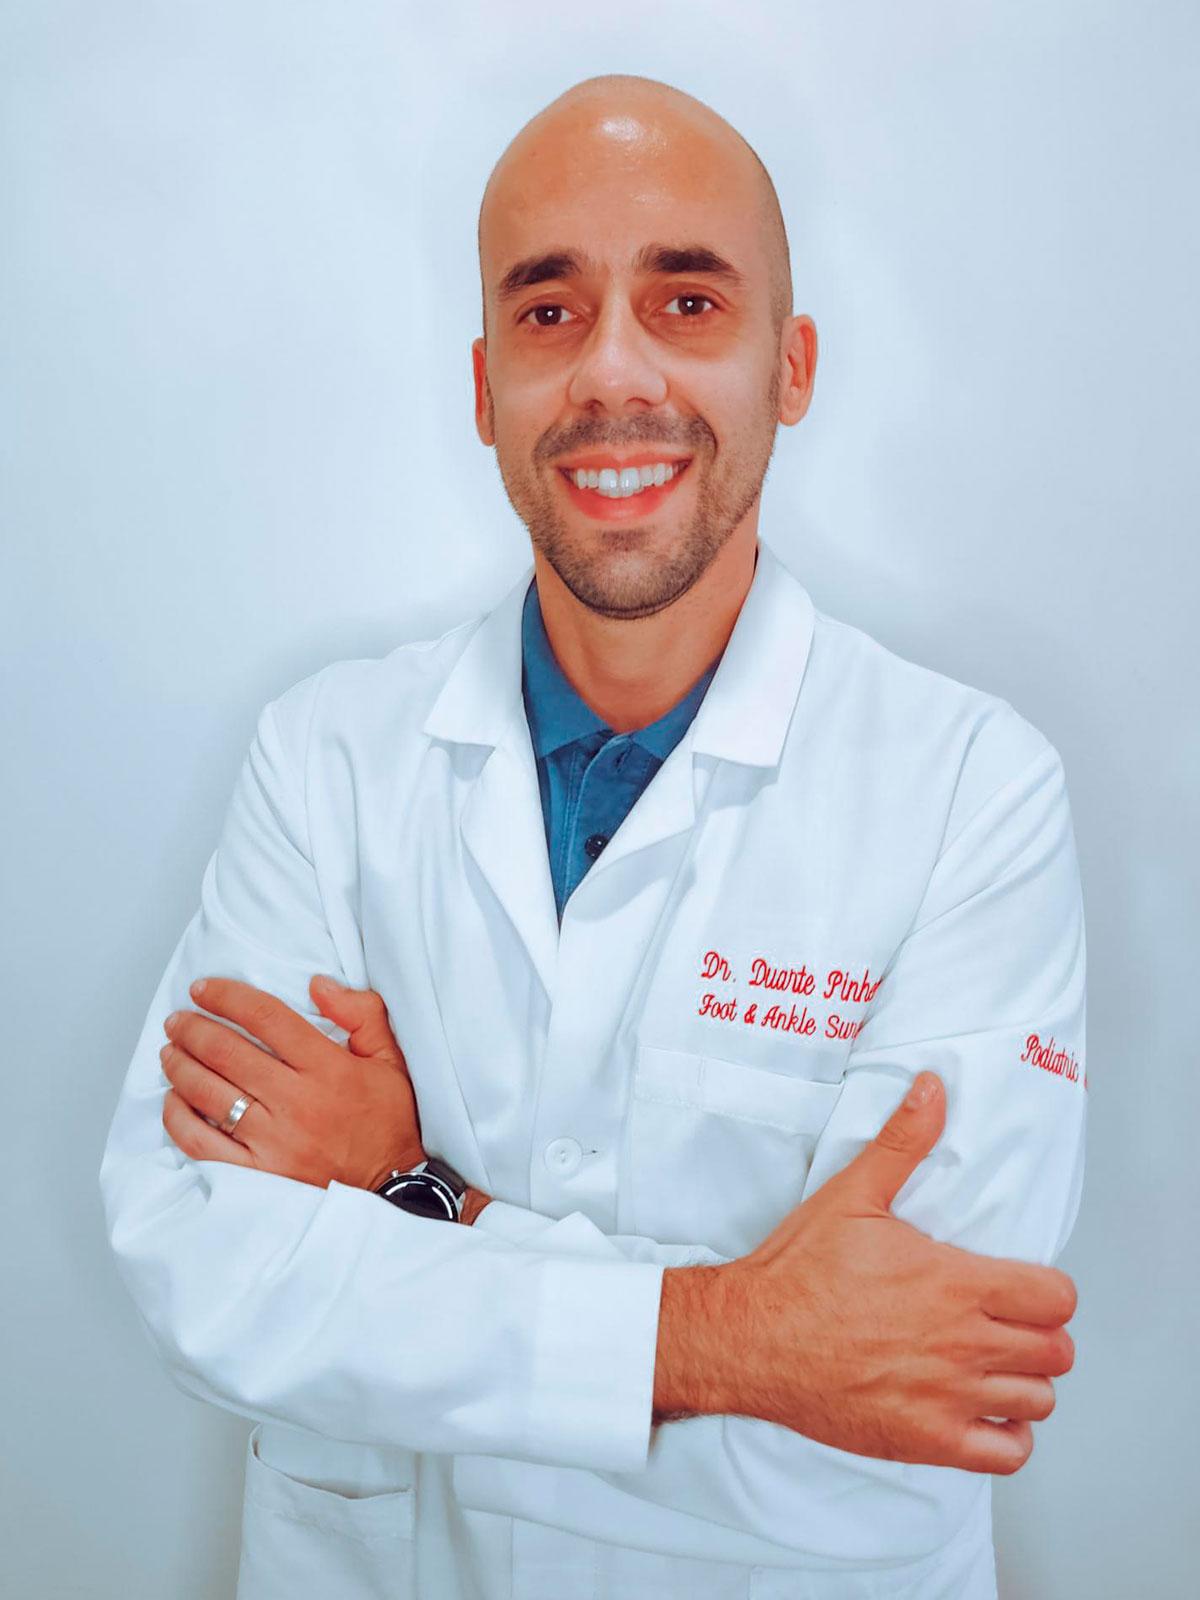 Dr. Duarte Pinheiro